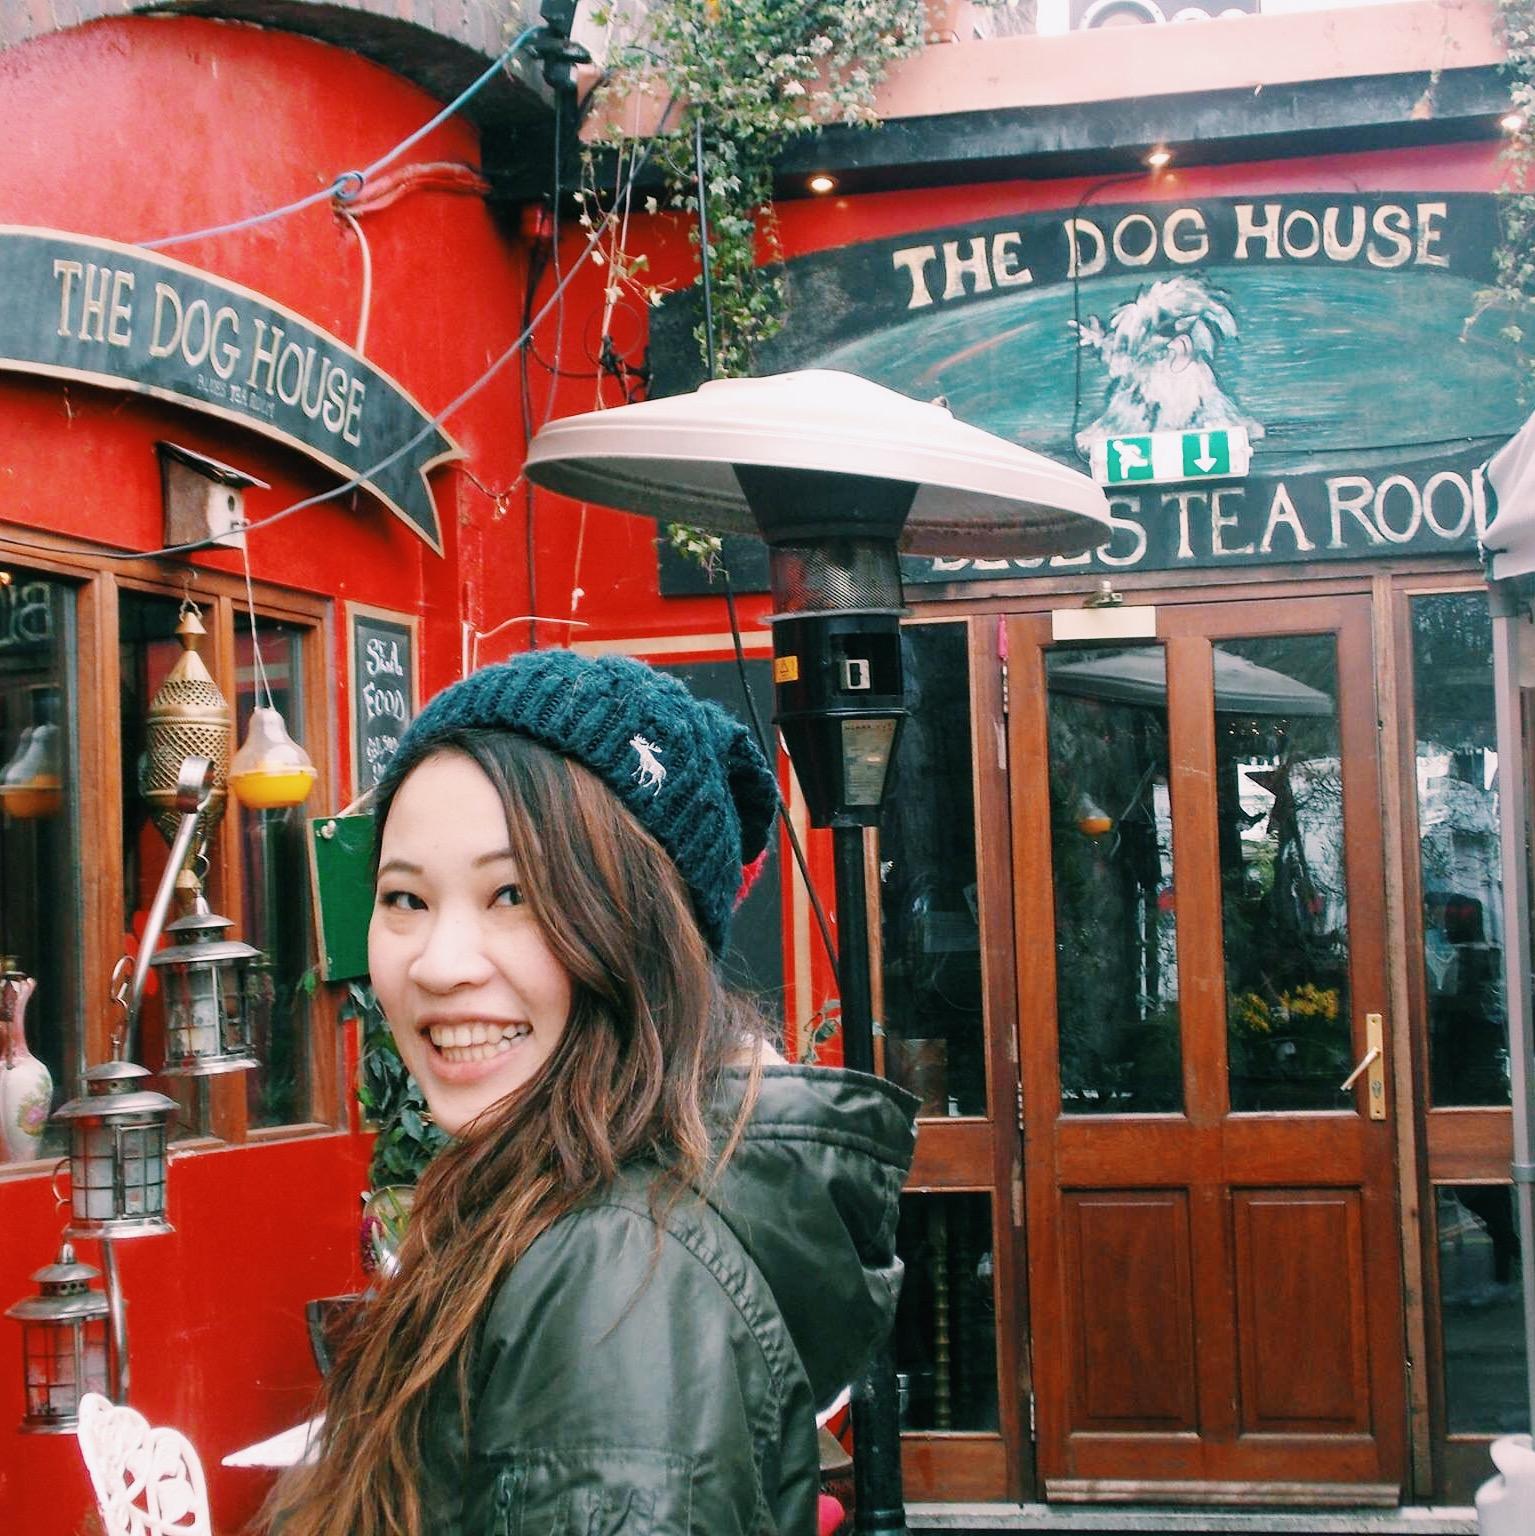 The dog tea house...I see no dogs lol